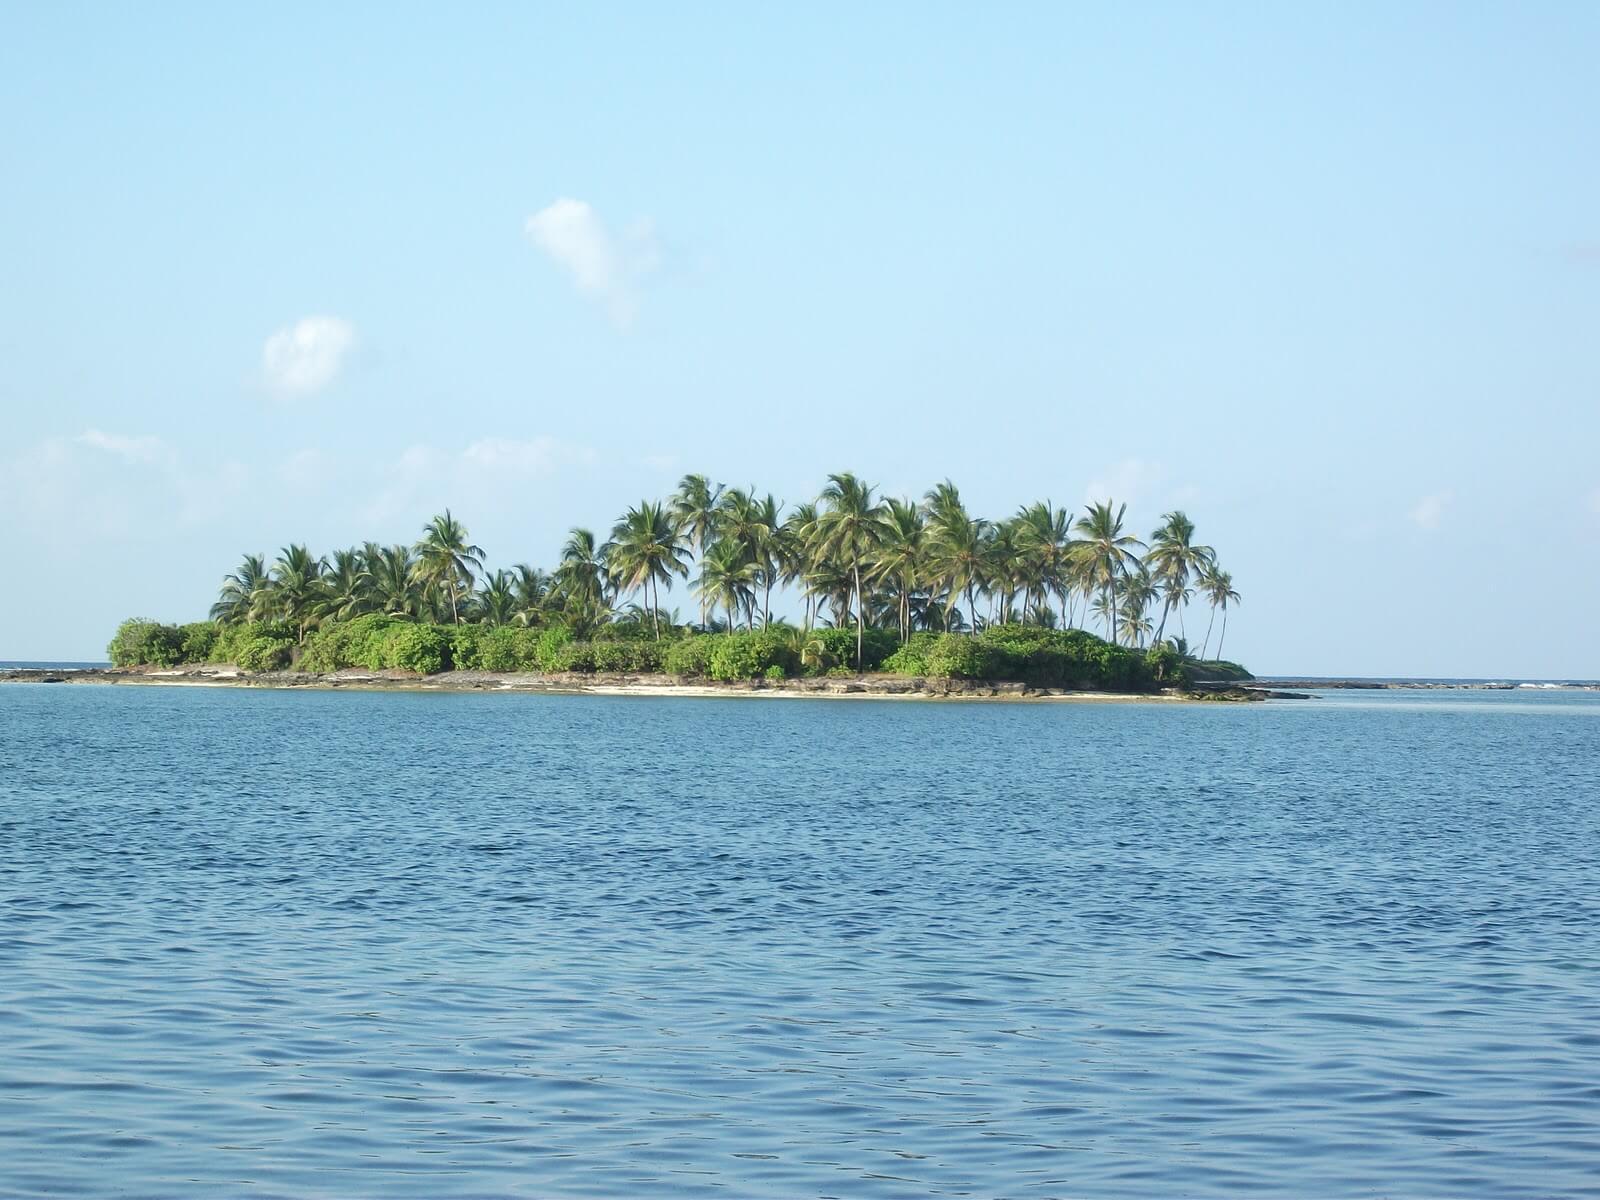 Kadmat - South India